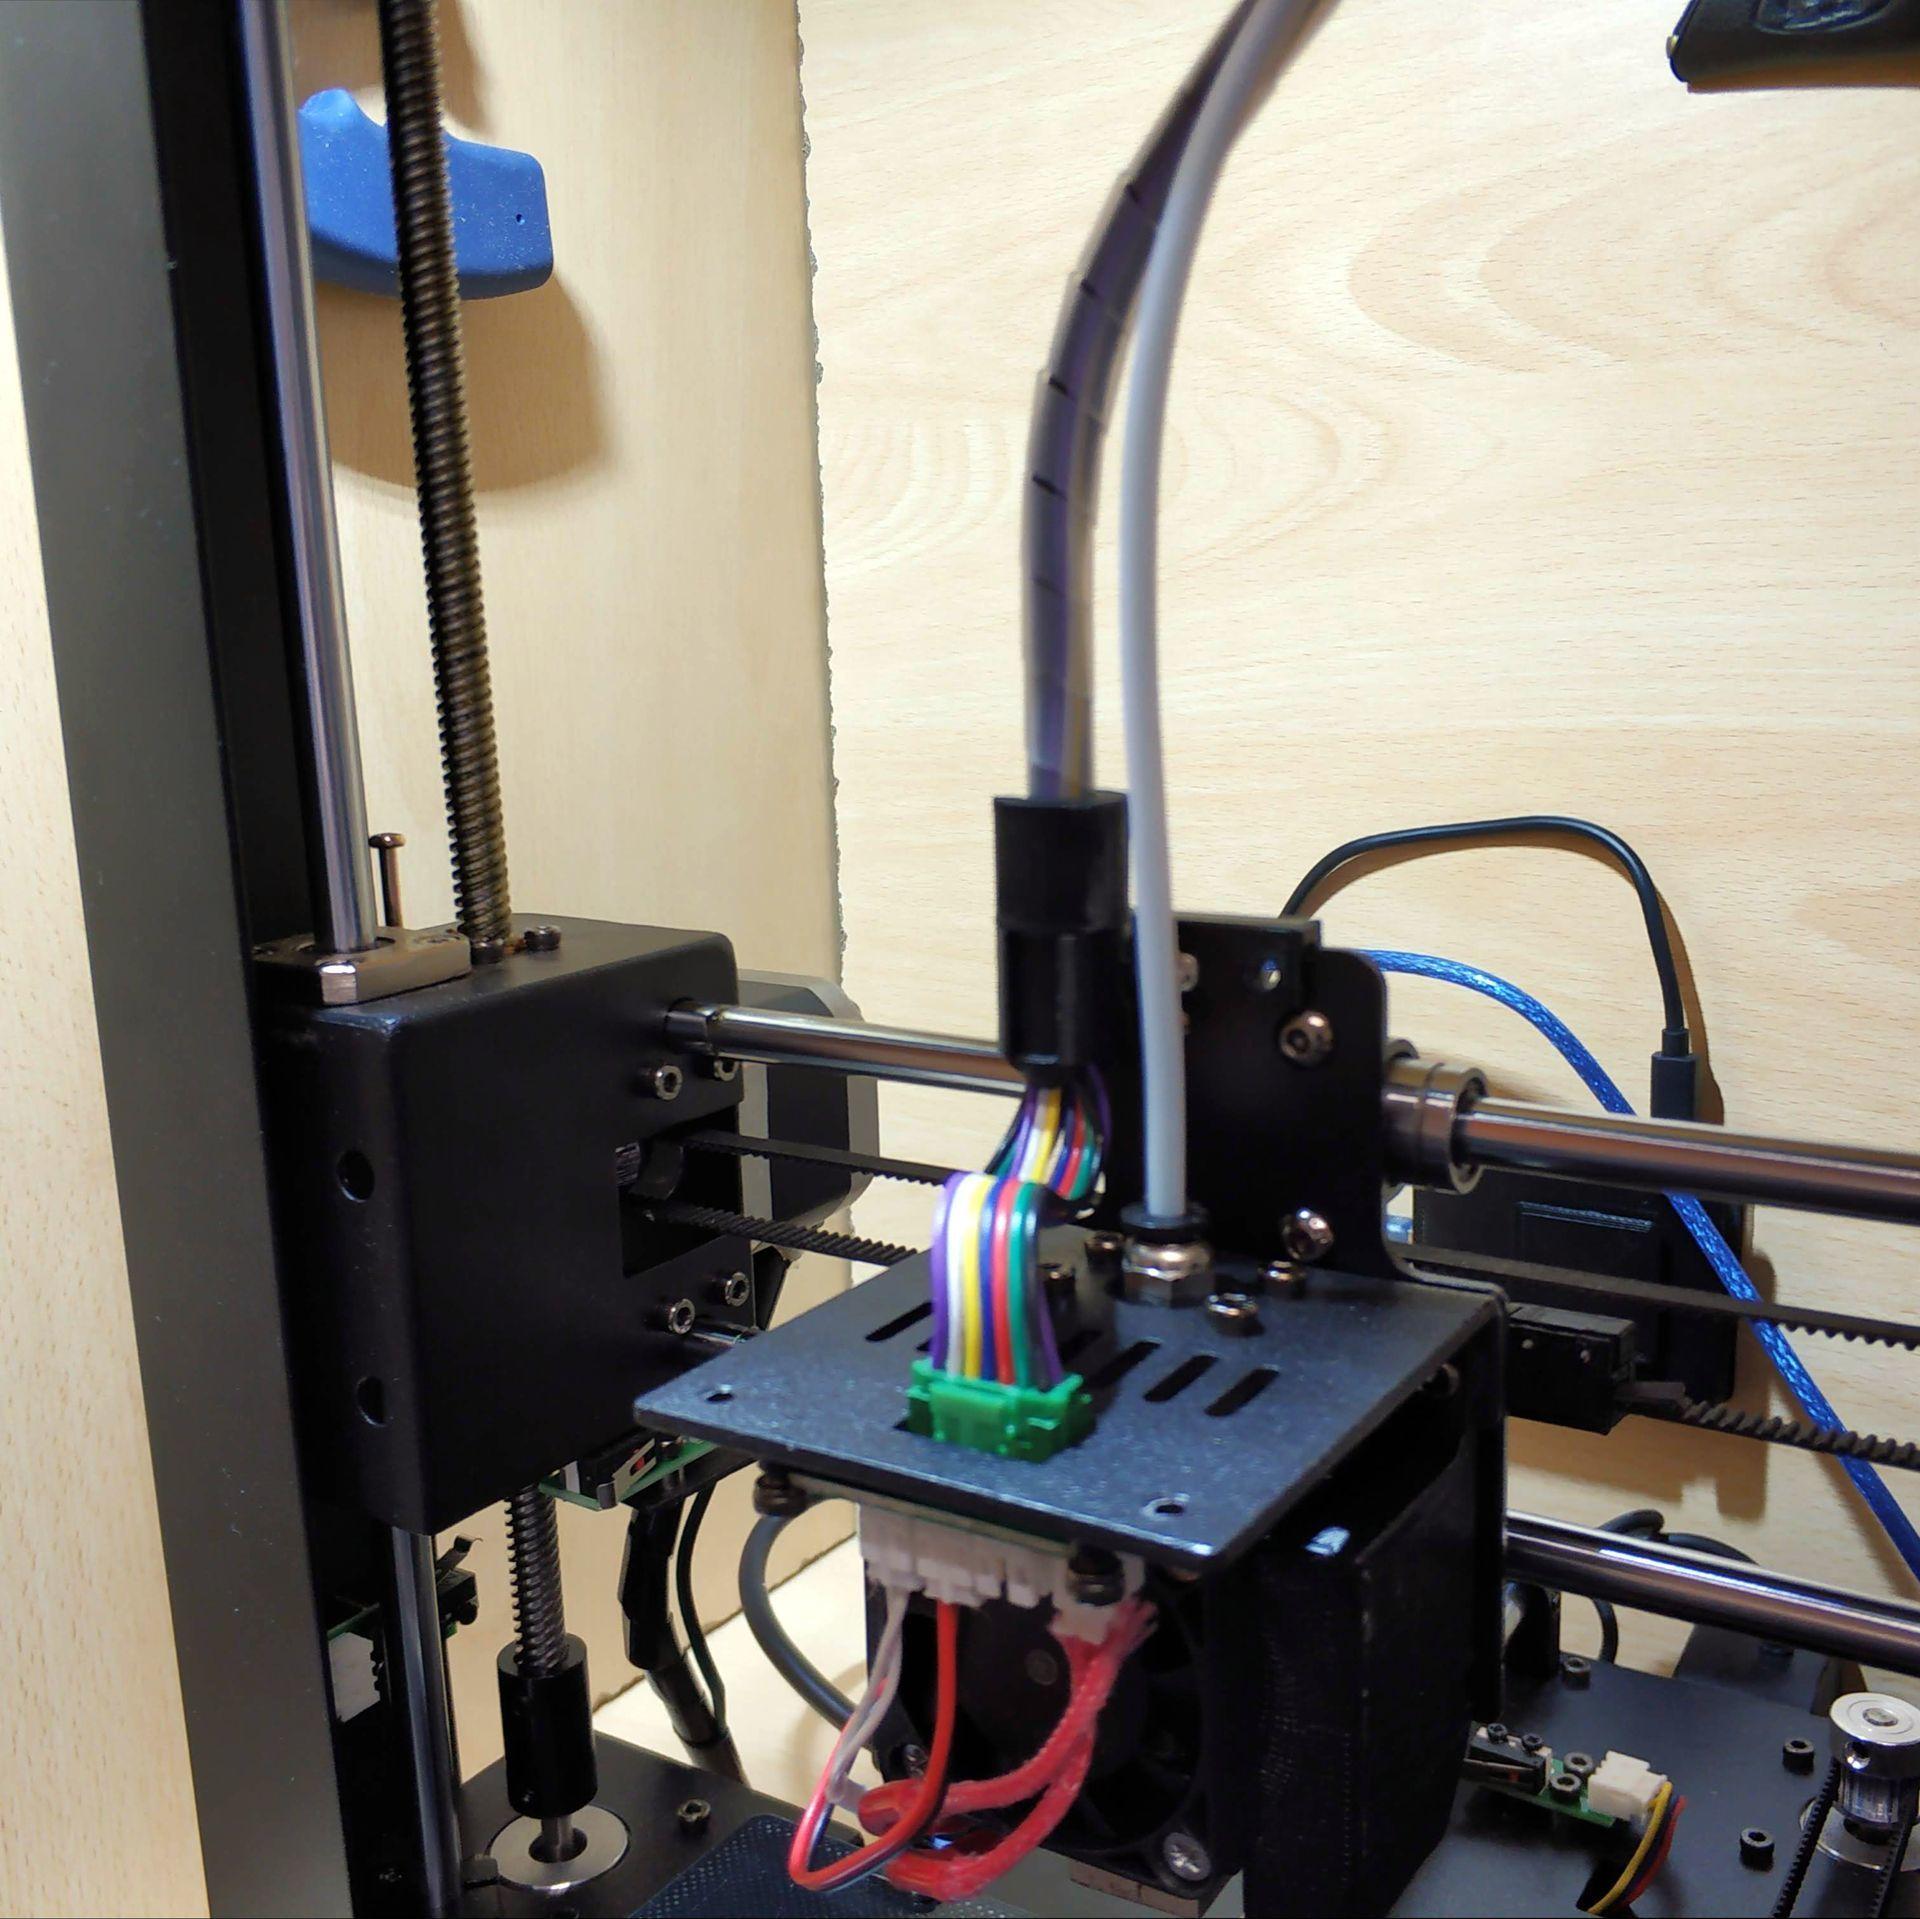 IMG_20200118_132913.jpg Download free STL file Anycubic i3 mega - Sostegno cablaggio estrusore • 3D printing template, Scigola